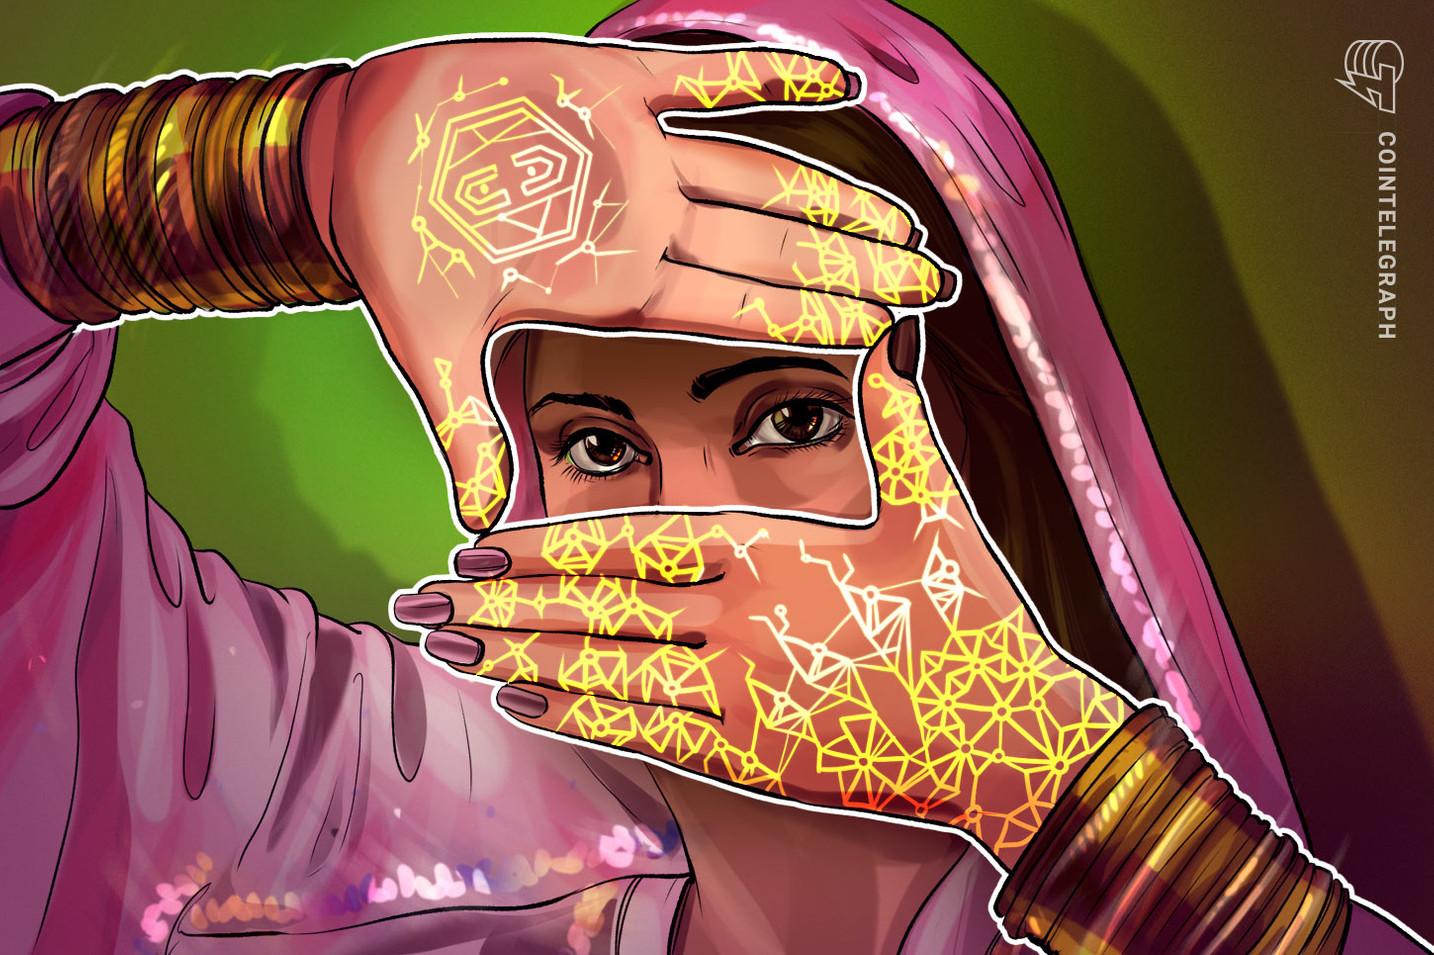 Indien: Regierung erwägt Berichten zufolge Einführung eigener Kryptowährung